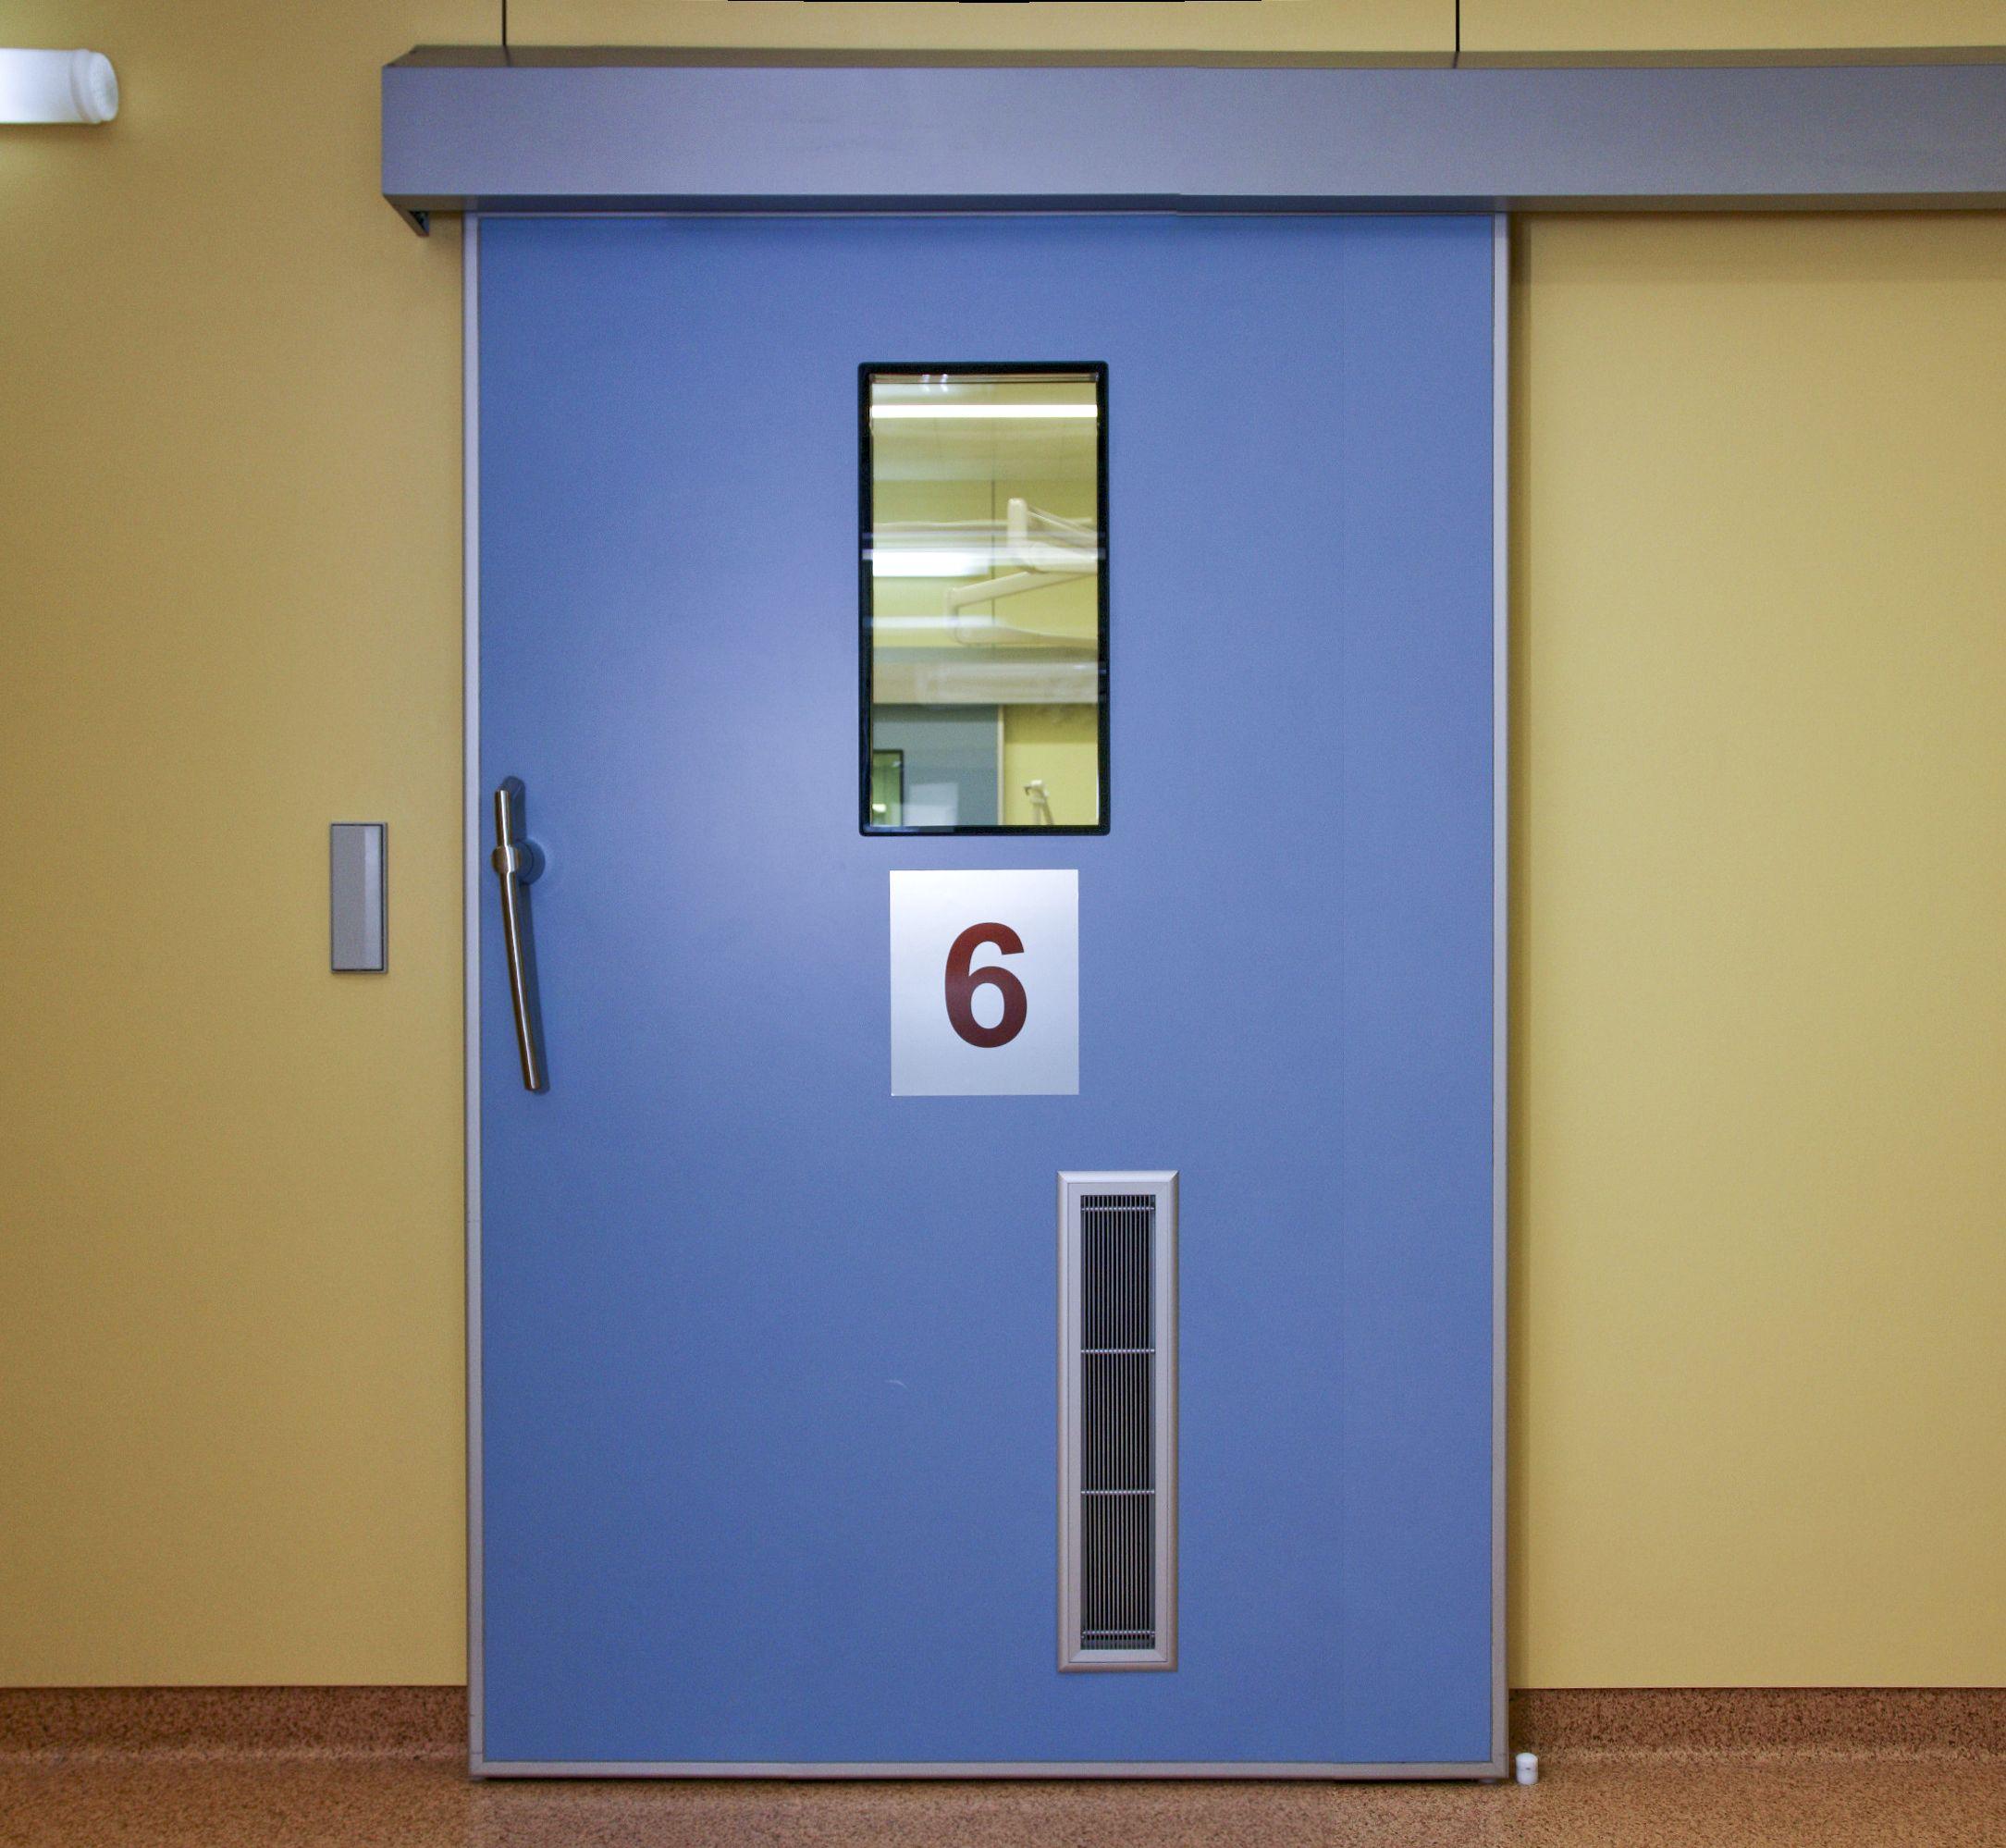 герметичные автматические медицинские двери